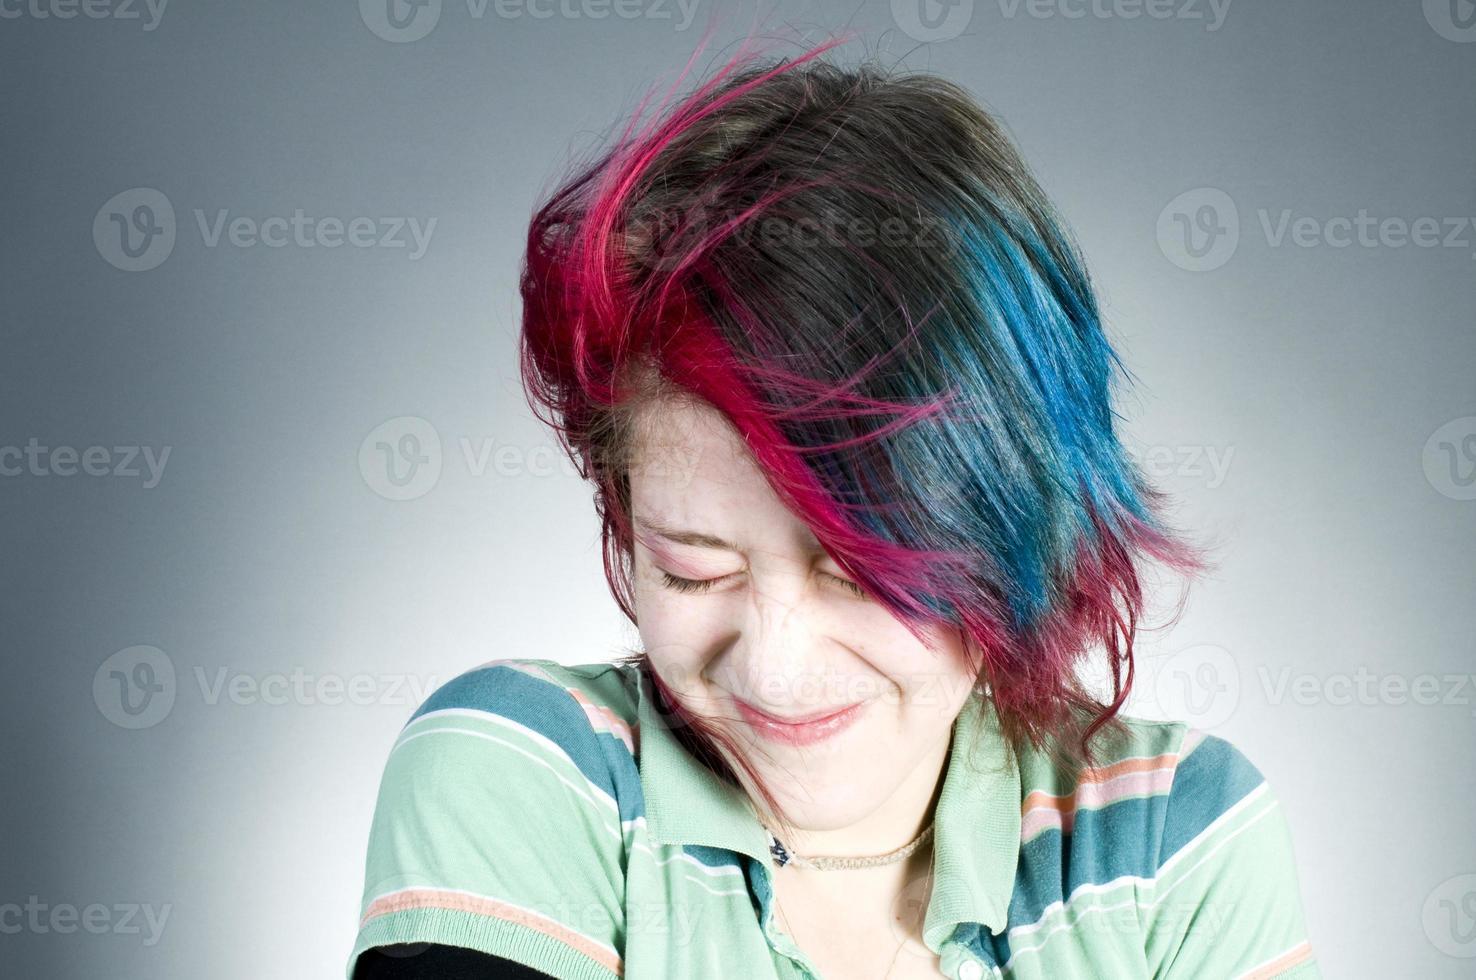 schüchterner Teenager foto